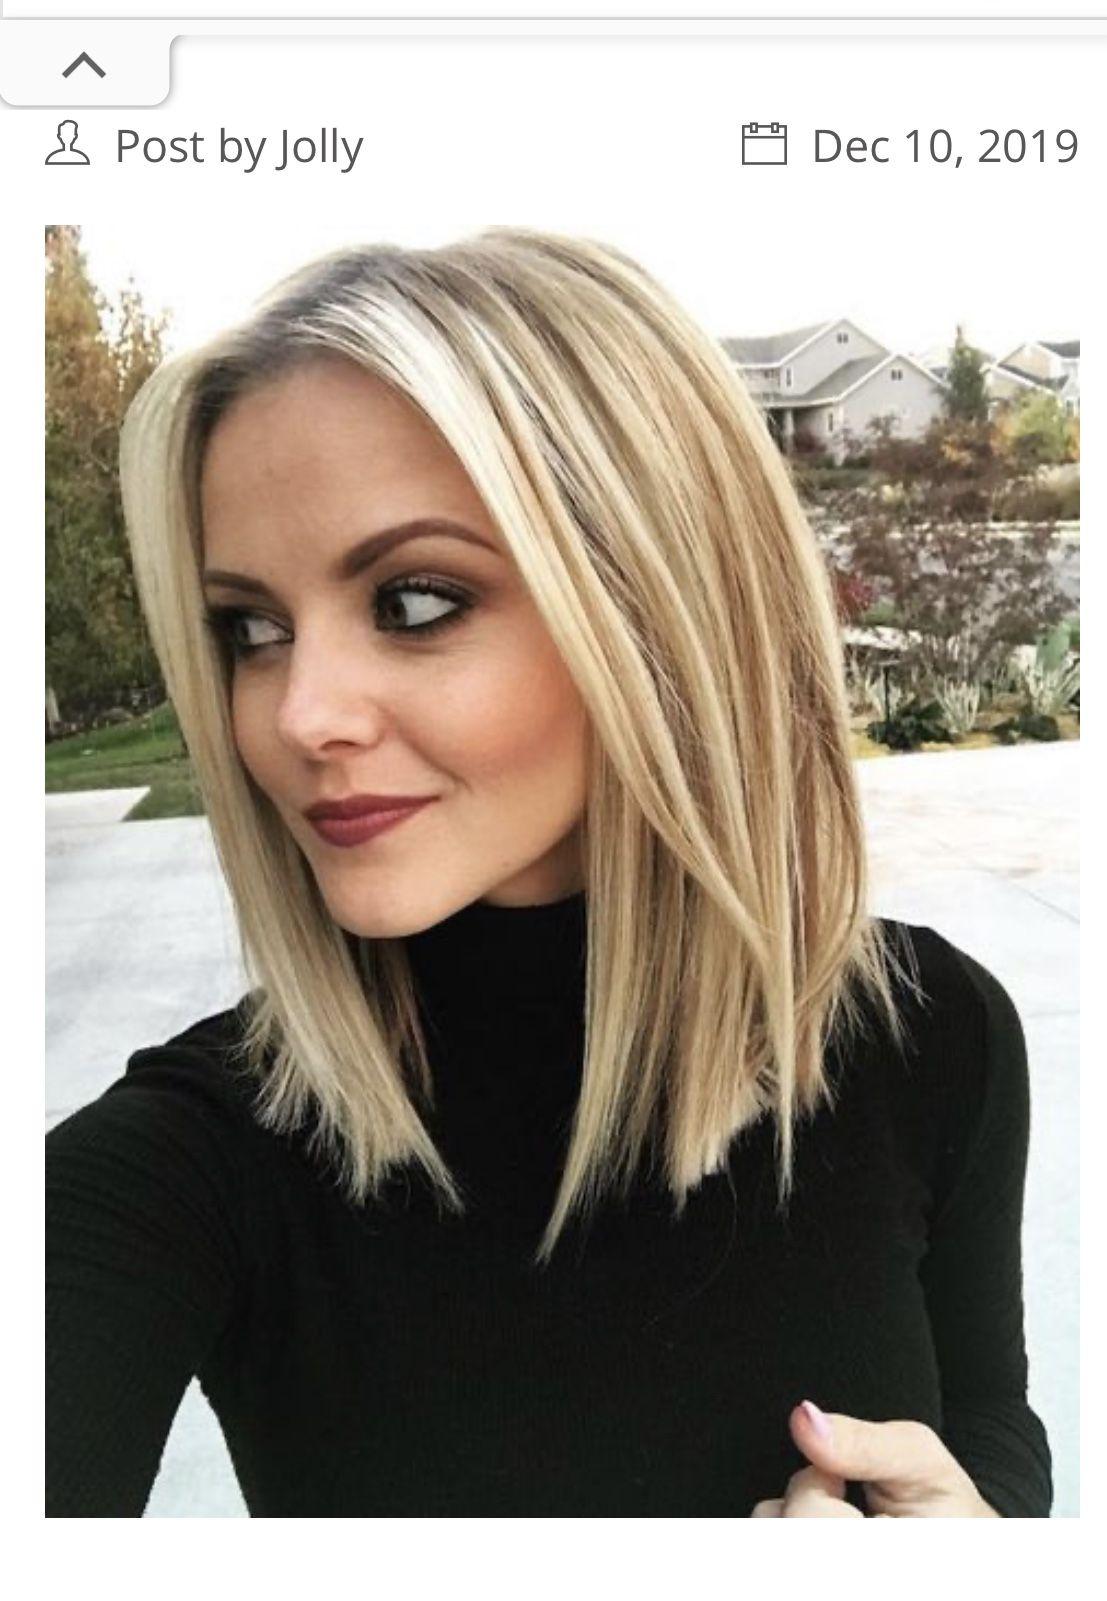 Pin Van Lynn Fransen Op Hair Kapsels Halflang Stijl Haar Stijl Haar Bob Stijl Haar